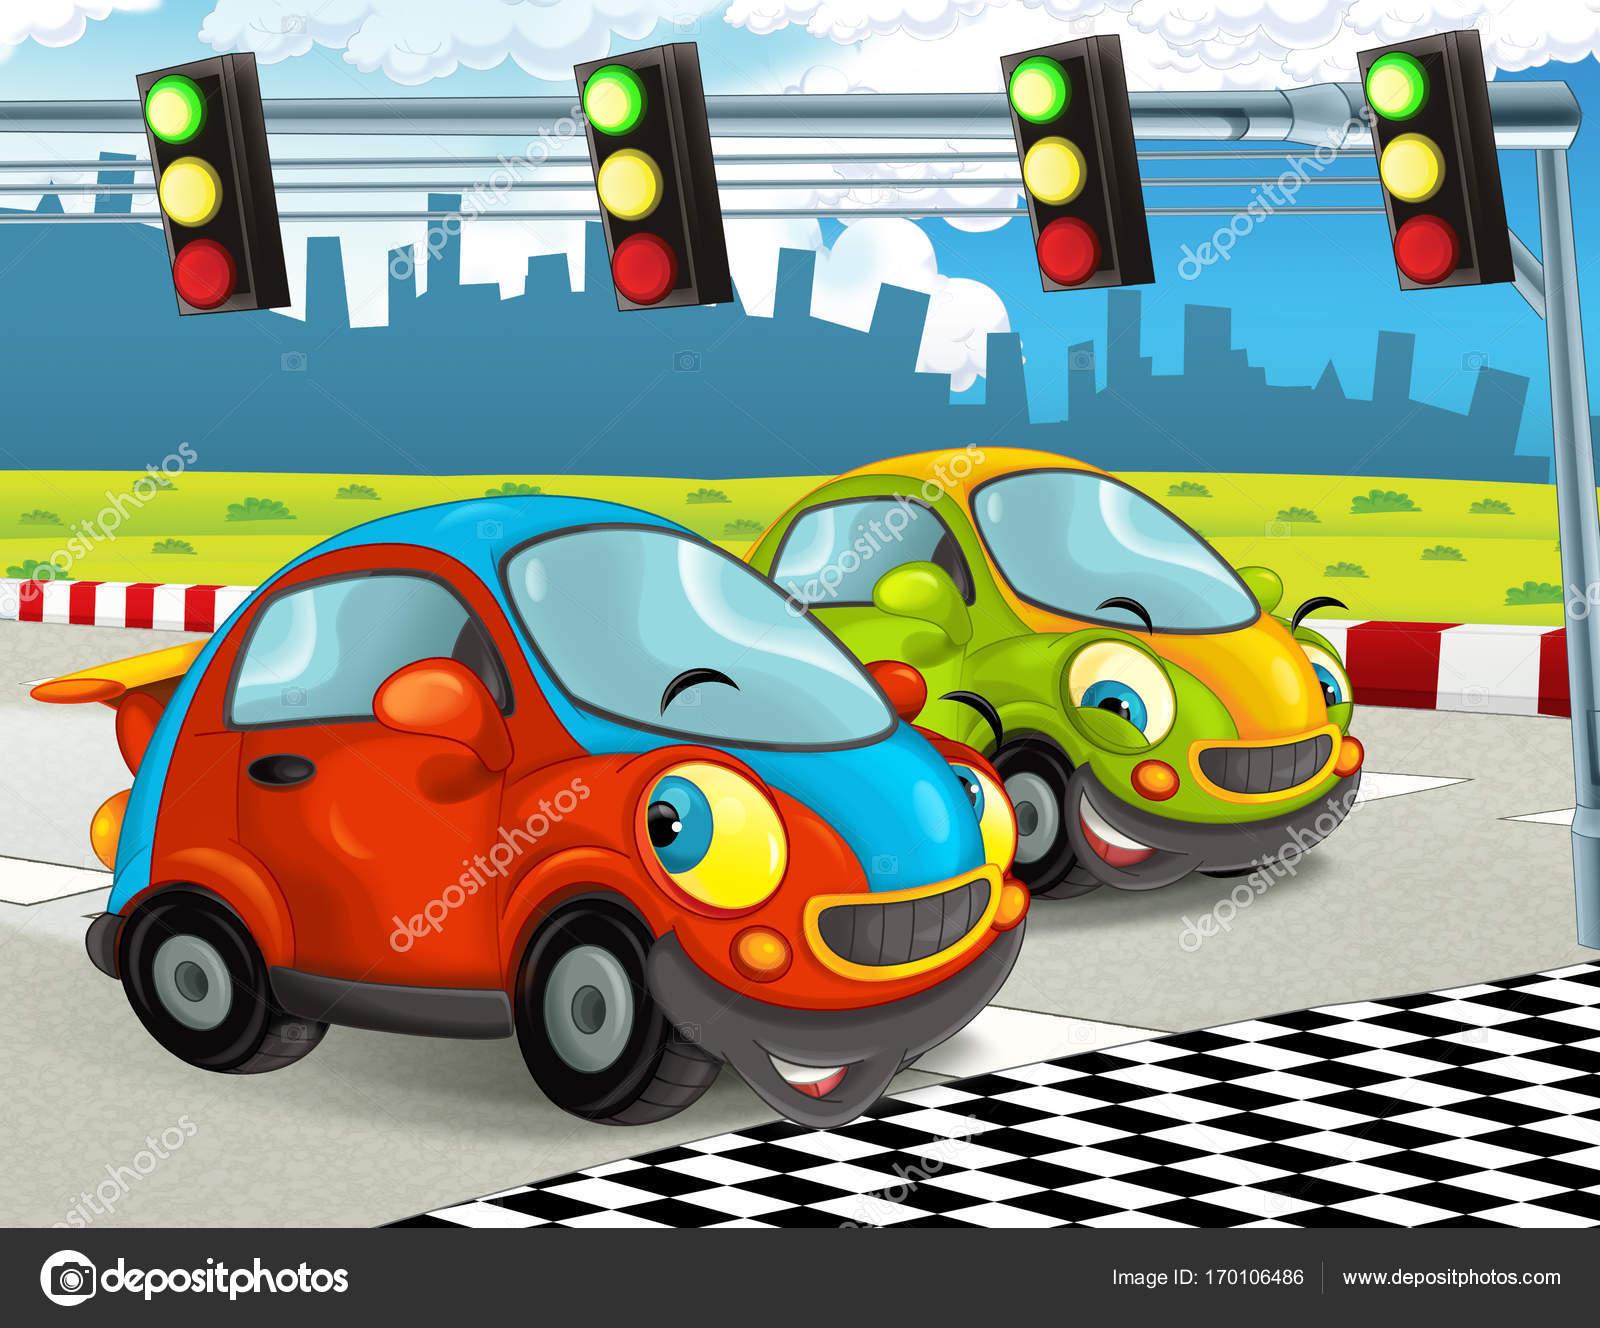 Imagenes Autos De Carreras Animados Escena Dibujos Animados Con